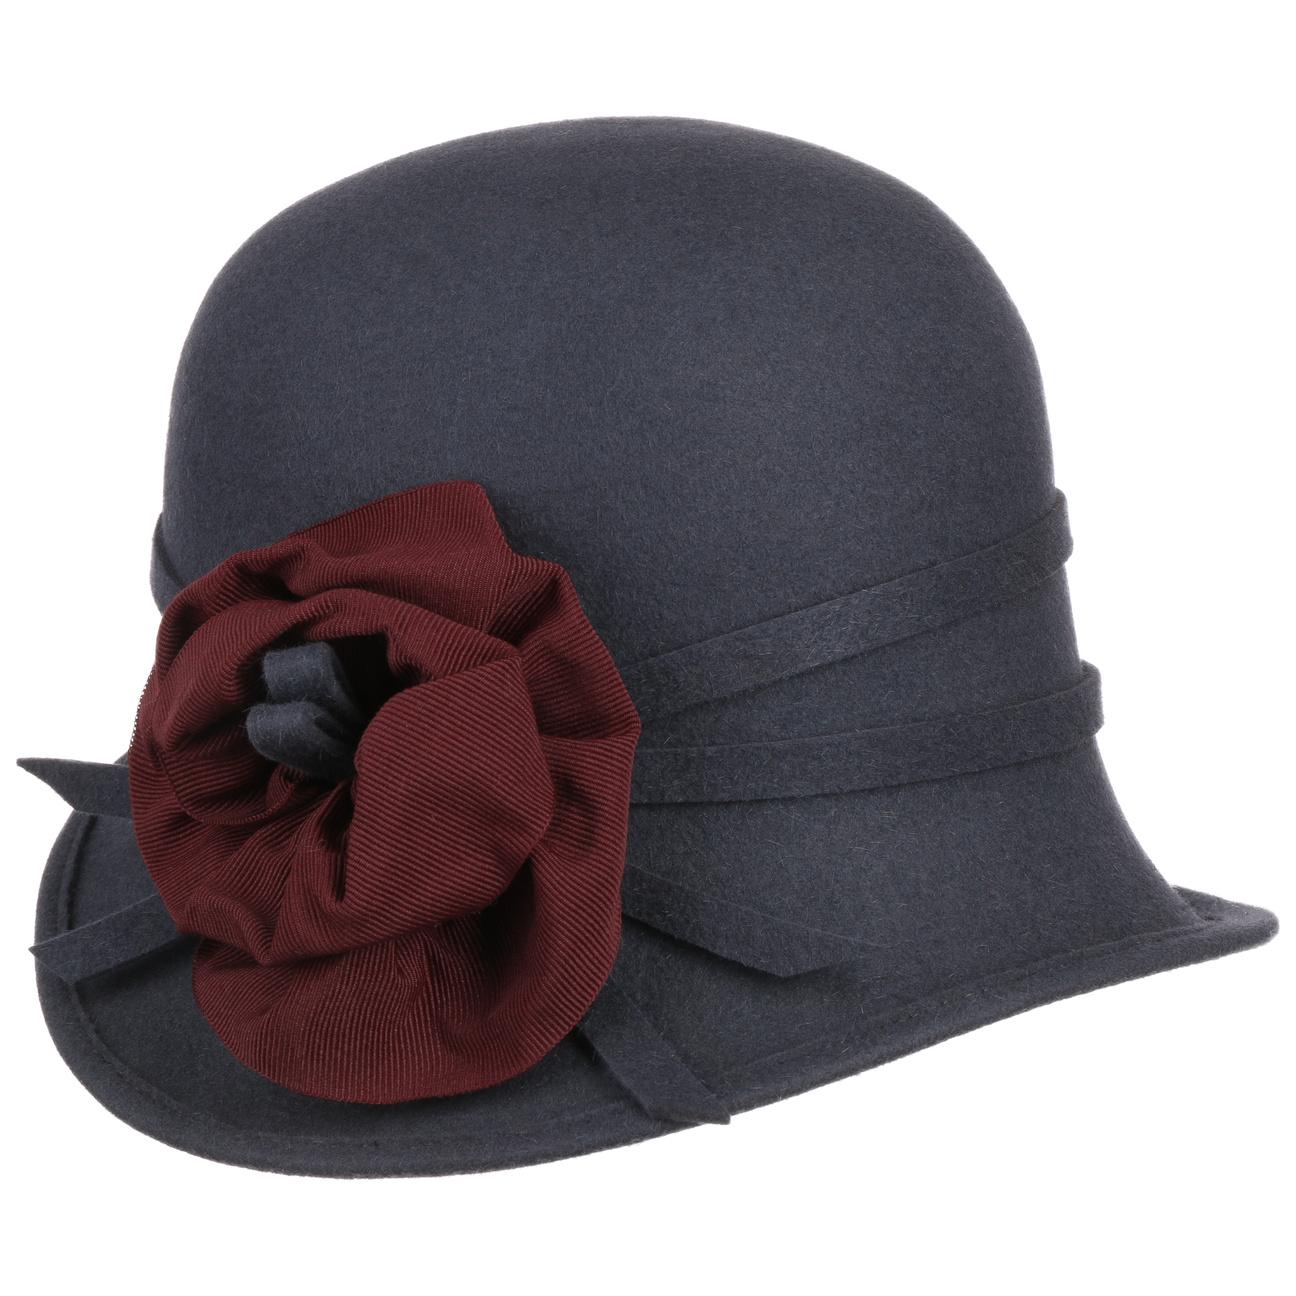 Chapeau en Feutre de Poil Miola Cloche by Lierys  chapeau cloche en feutre